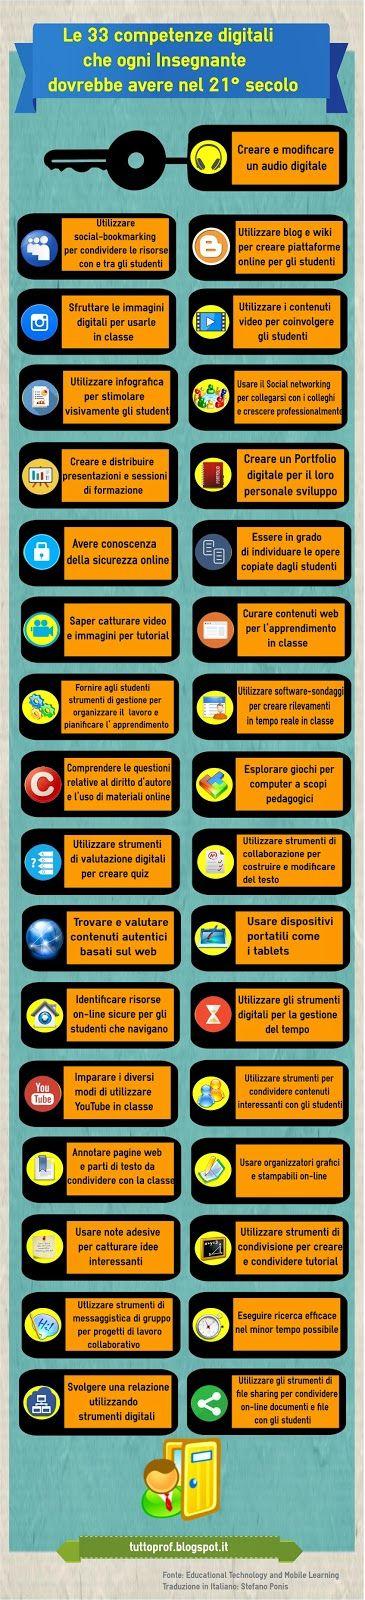 TUTTOPROF.: Le 33 competenze digitali che ogni Insegnante dovrebbe avere nel 21° SECOLO - Infografica #fb